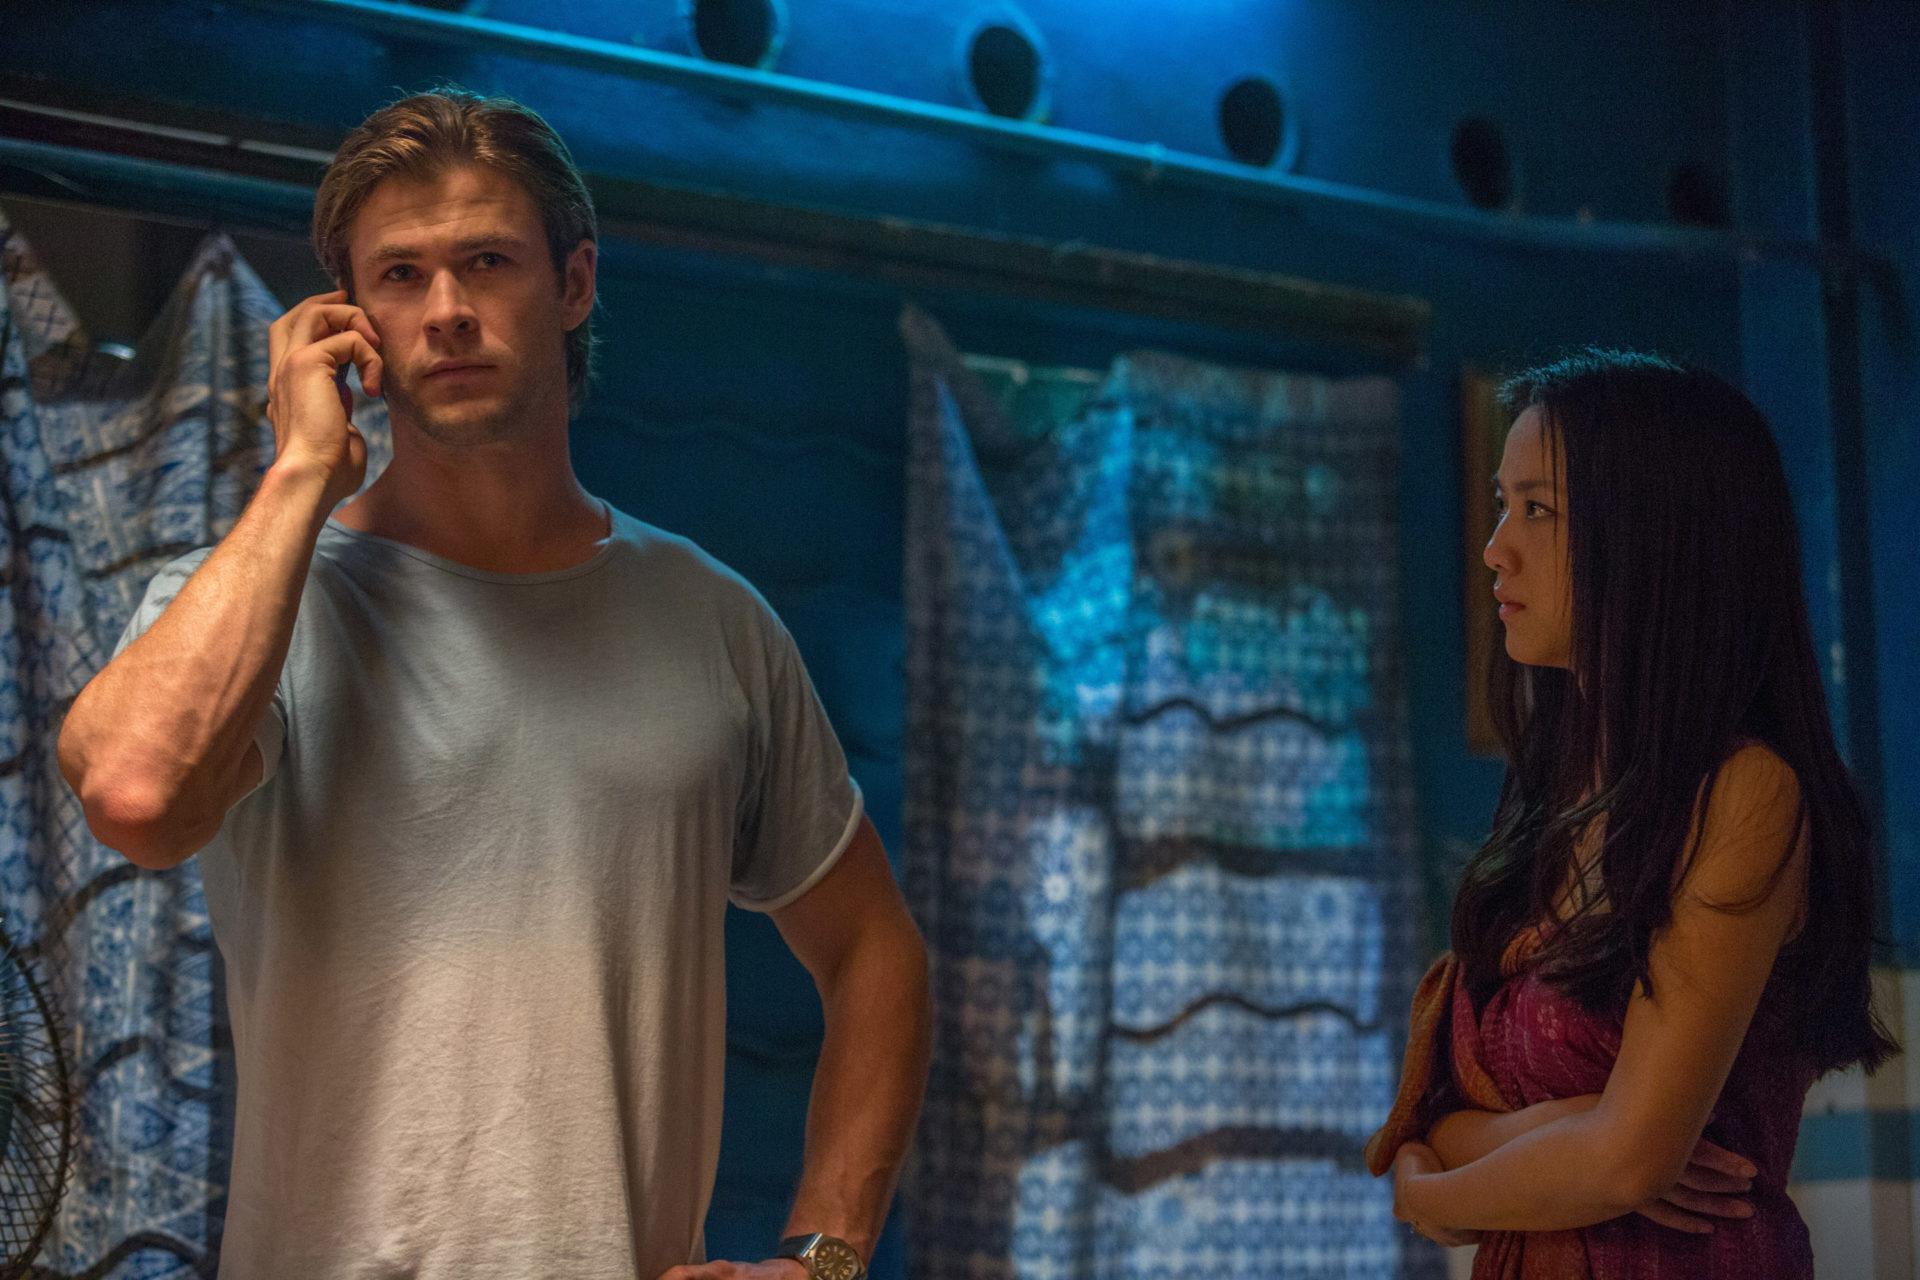 Filmes da Marvel e DC estão na lista dos maiores fracassos de bilheteria da década; veja - 6